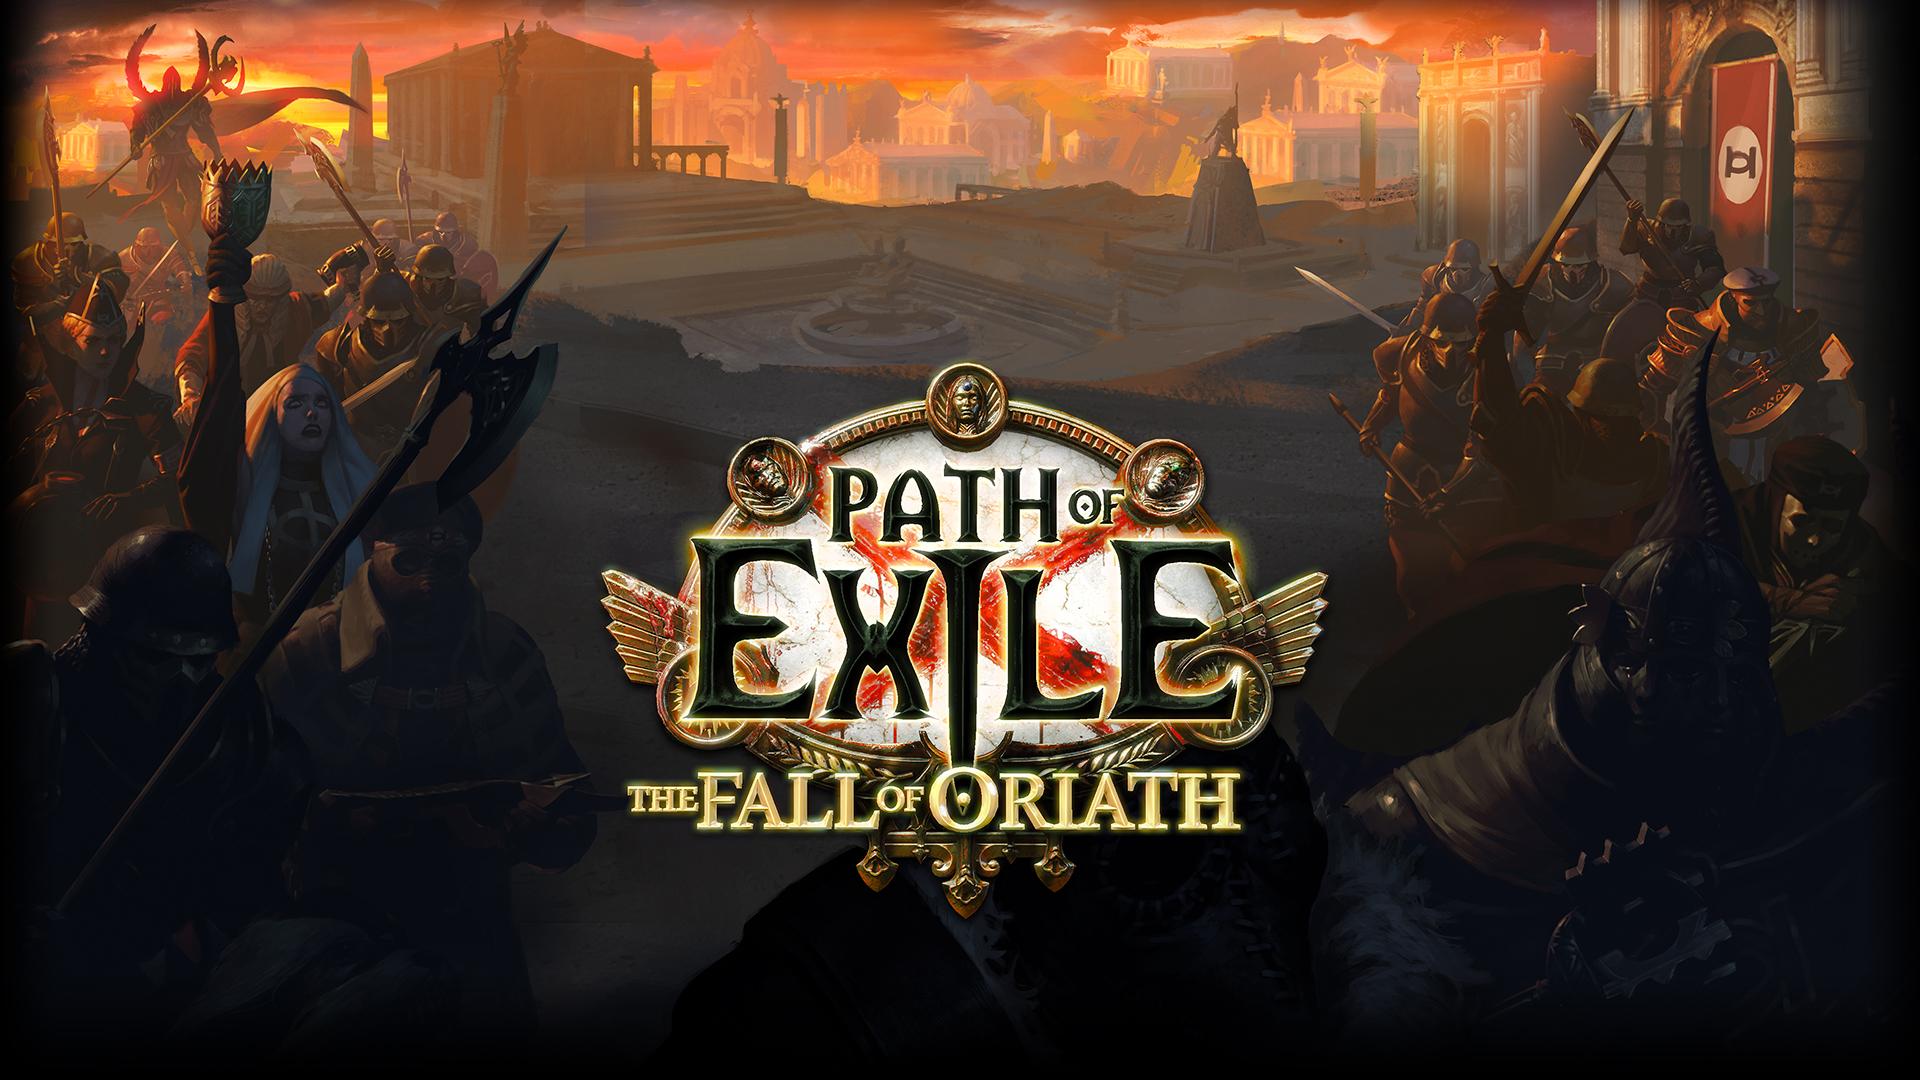 Path of Exle the fall of oriath portada 02